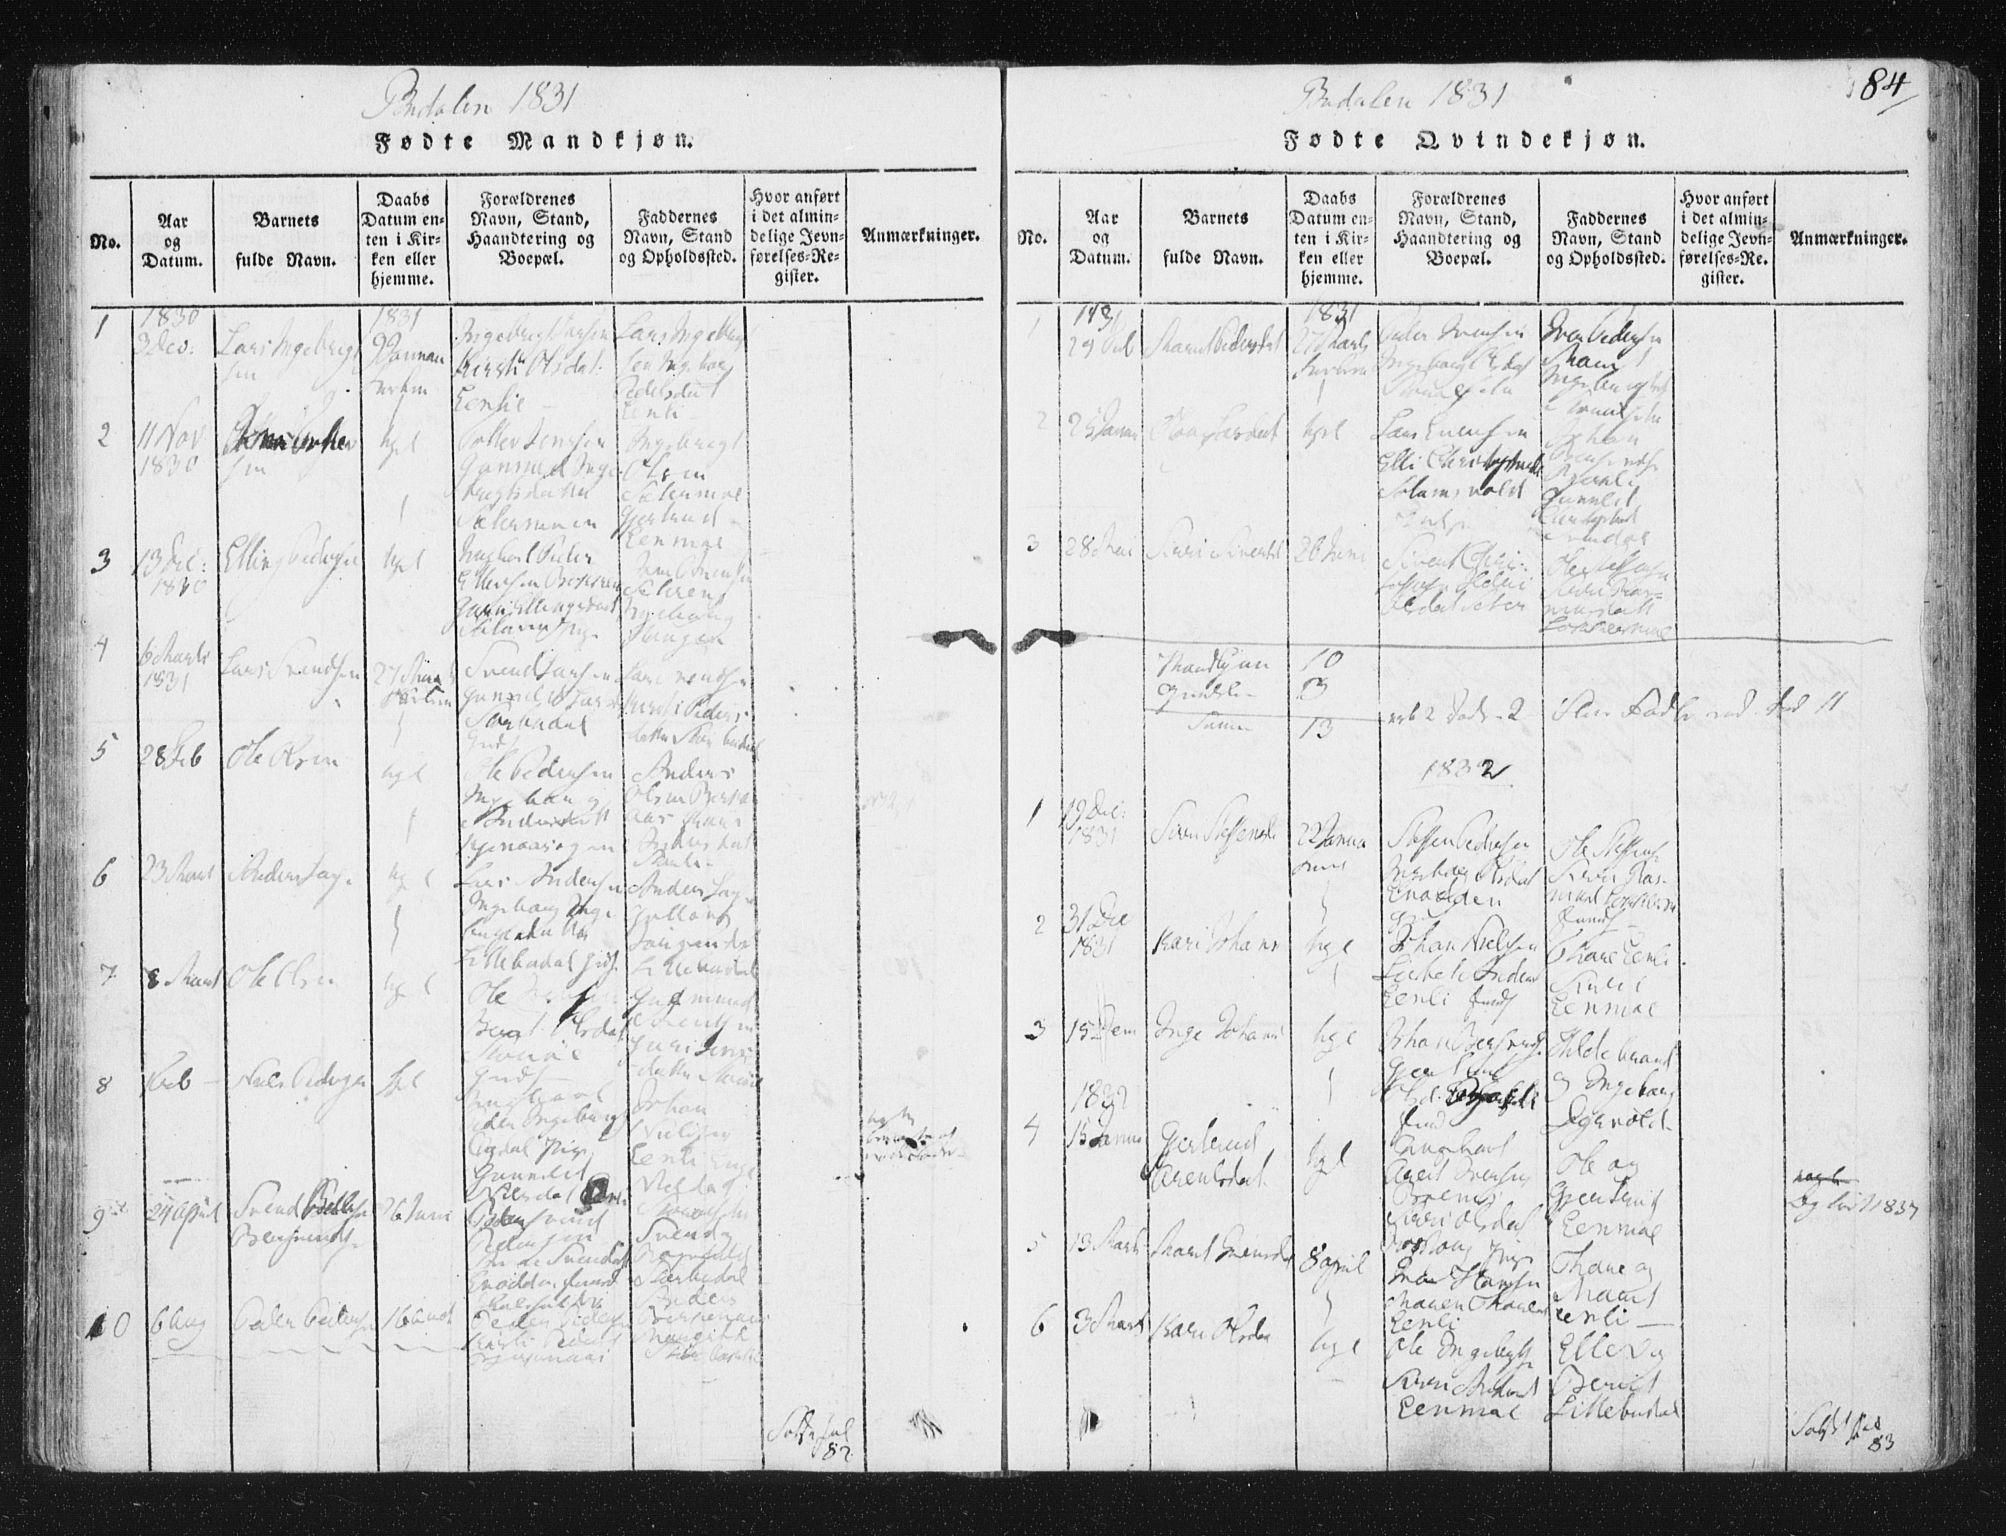 SAT, Ministerialprotokoller, klokkerbøker og fødselsregistre - Sør-Trøndelag, 687/L0996: Ministerialbok nr. 687A04, 1816-1842, s. 84